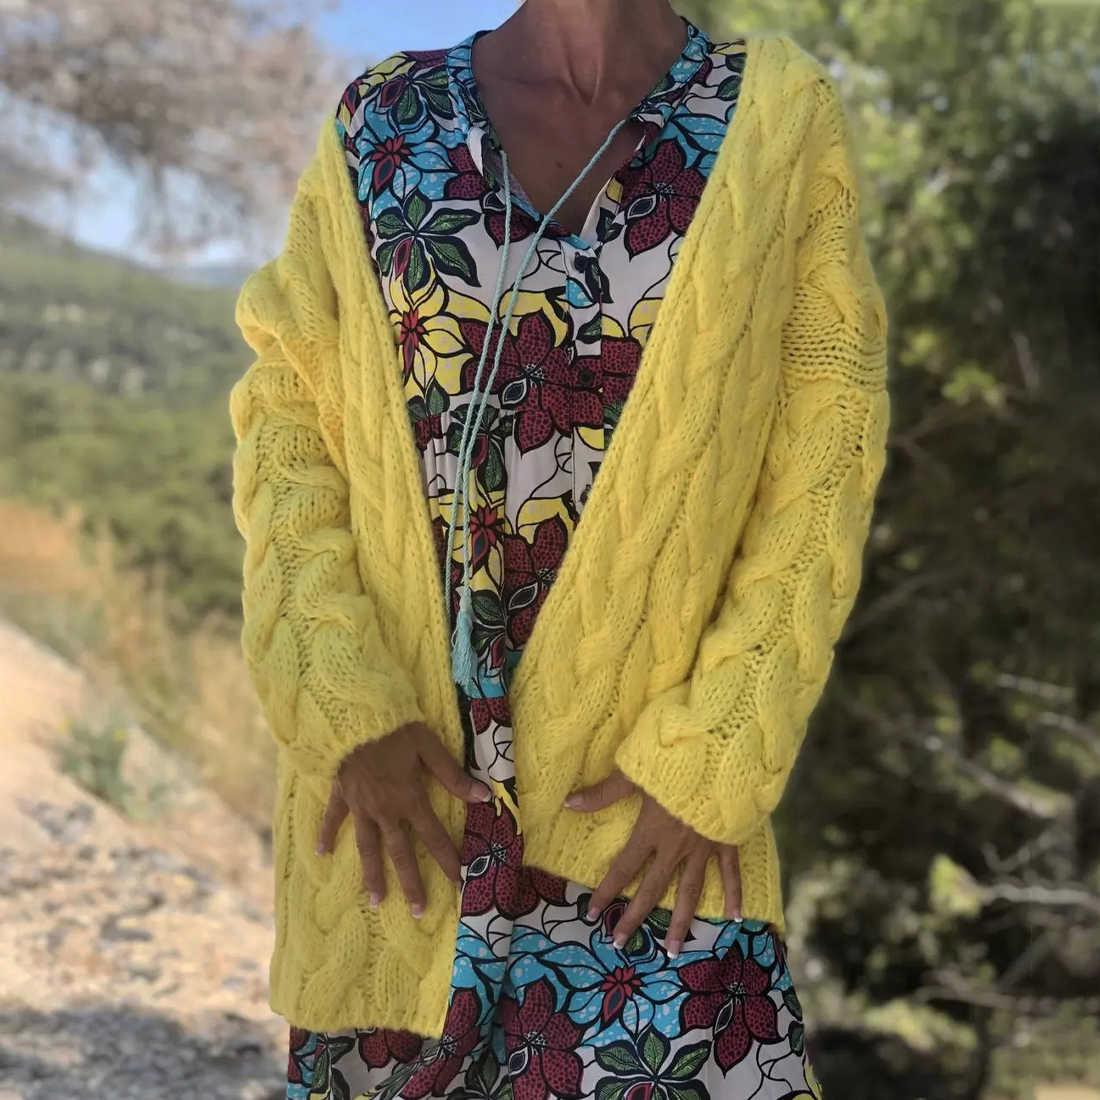 LASPERAL 여성 솔리드 컬러 카디건 가을 겨울 긴 소매 캐주얼 루스 코트 트위스트 니트 스웨터 카디건 Femme 겉옷